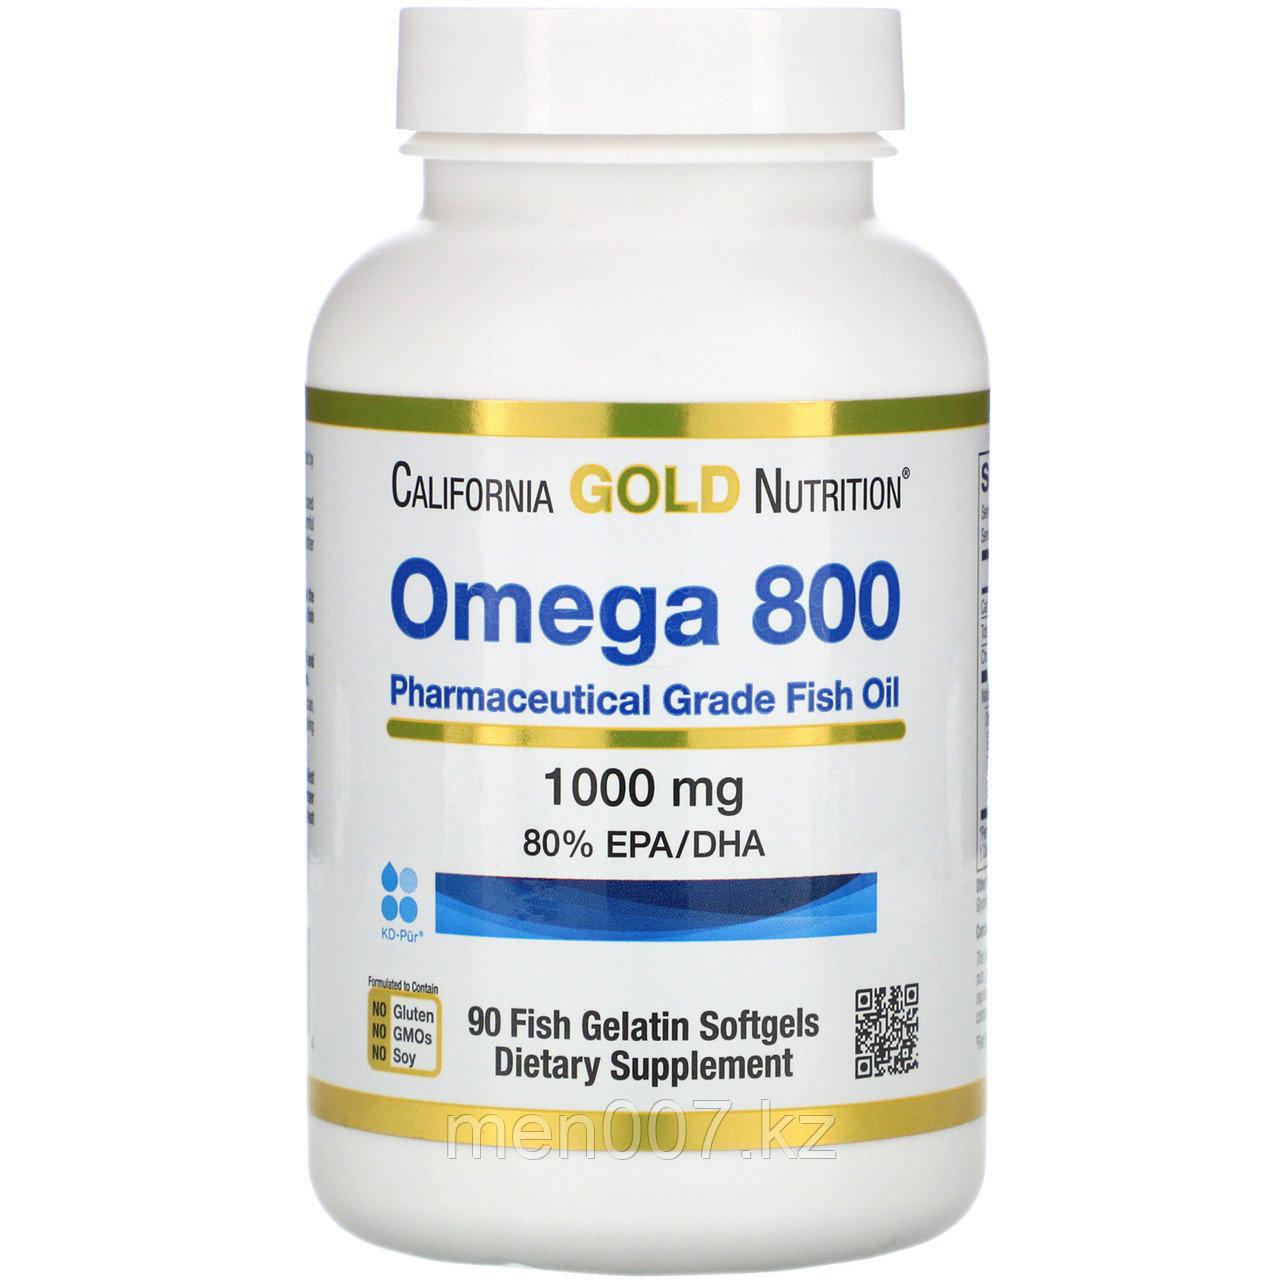 БАД Omega-3 800 фармацевтической степени чистоты, 80% ЭПК/ДГК, в форме триглицеридов (90 капсул)